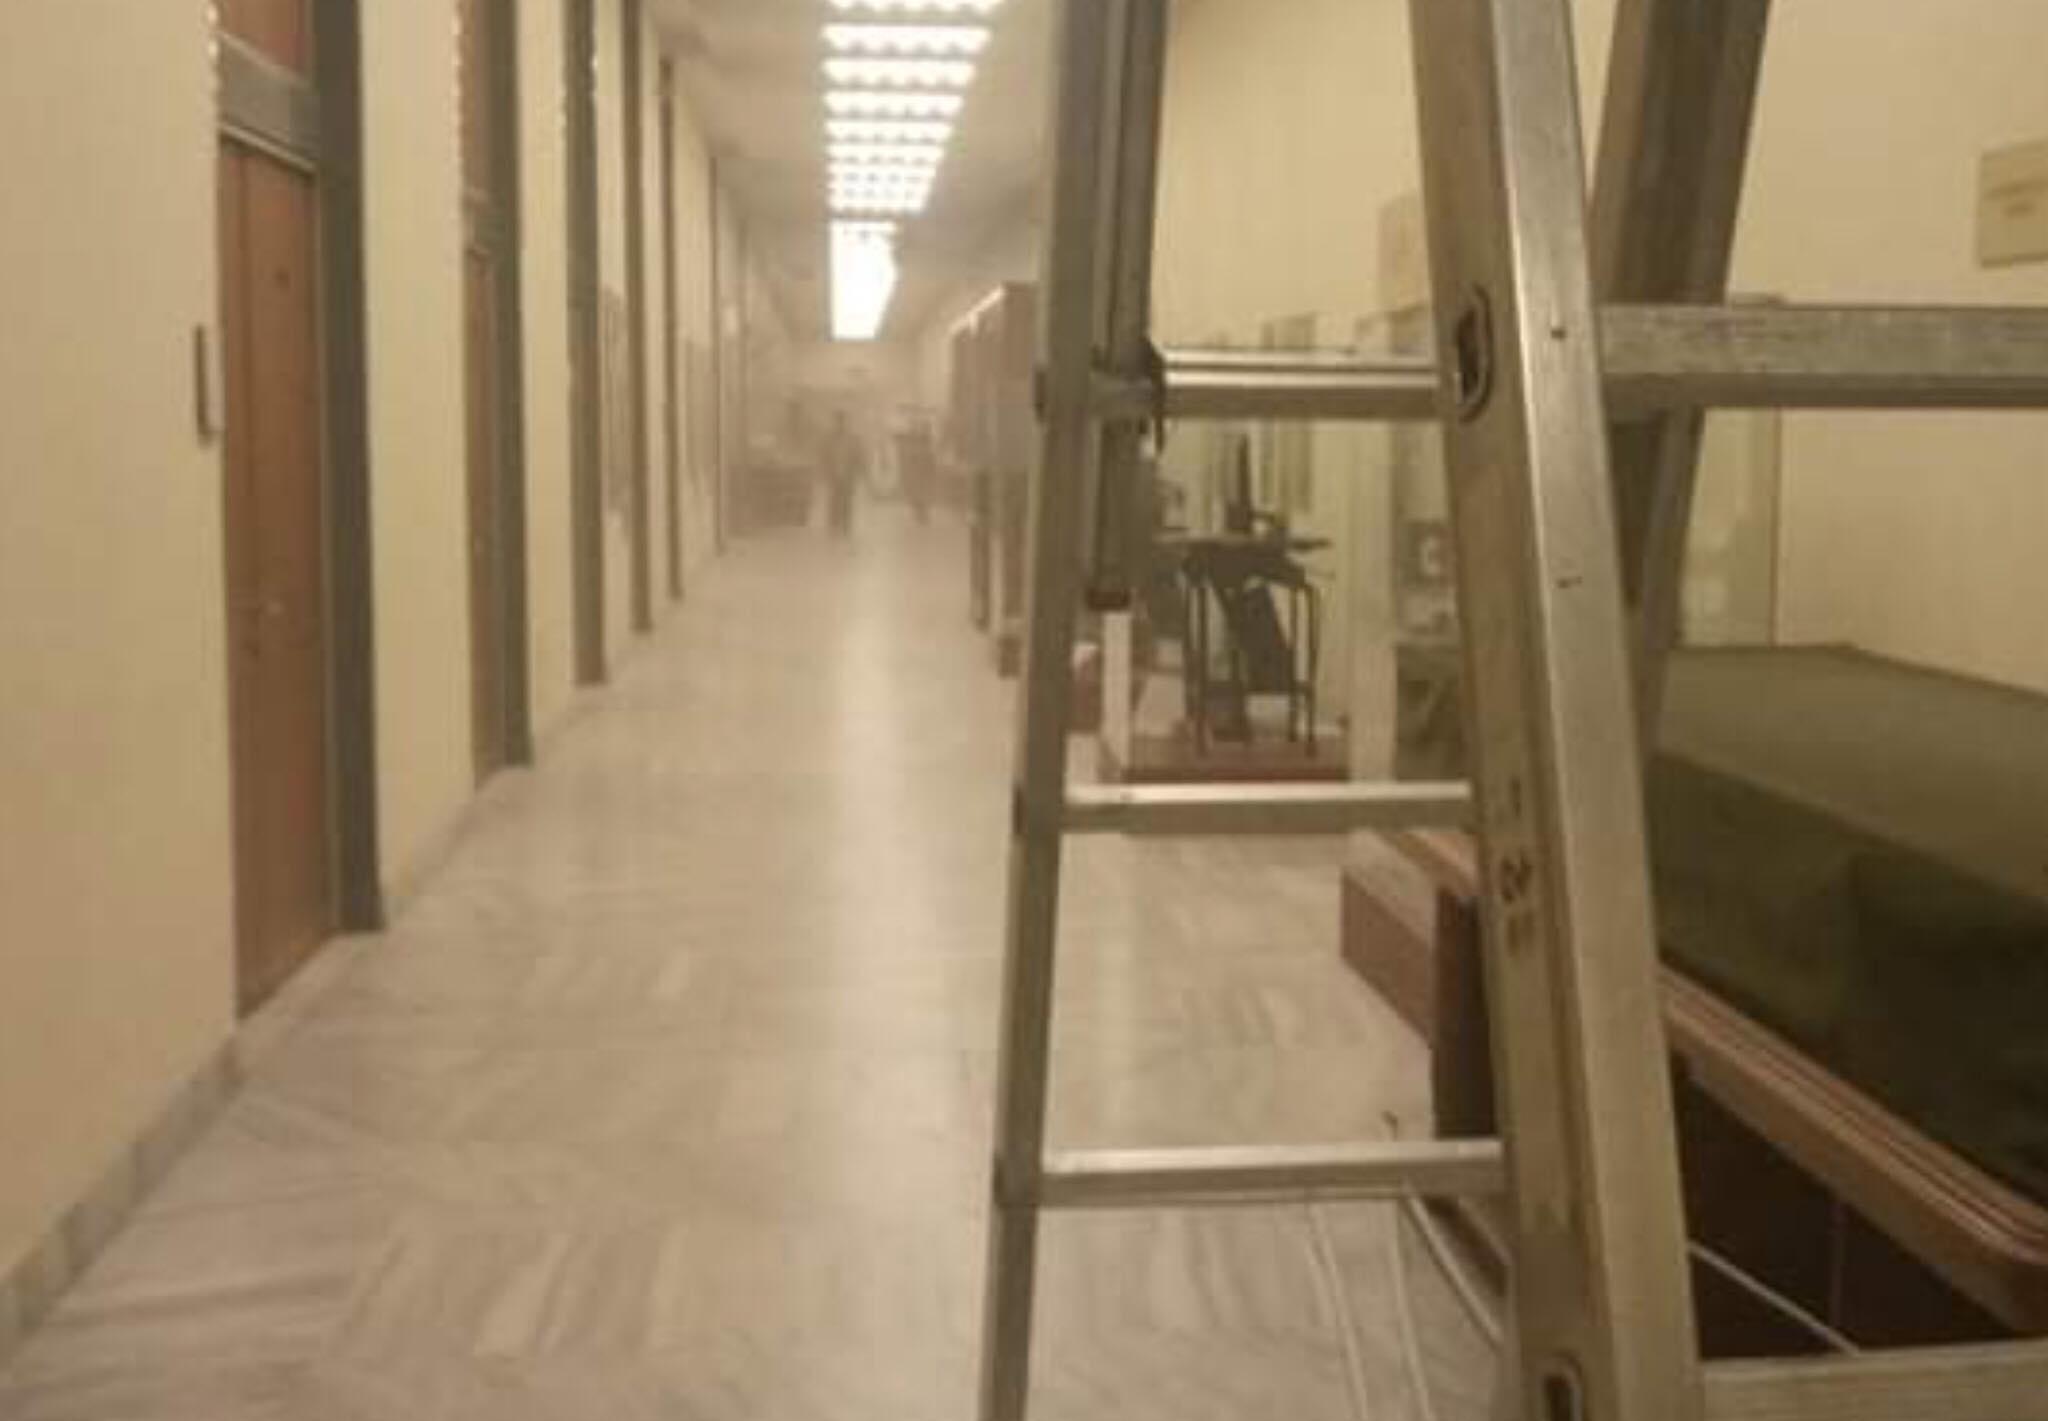 Az OSZK rendkívüli levegőtisztaság mérést végez azokon az emeleteken, ahova nagy mennyiségű por szállt be